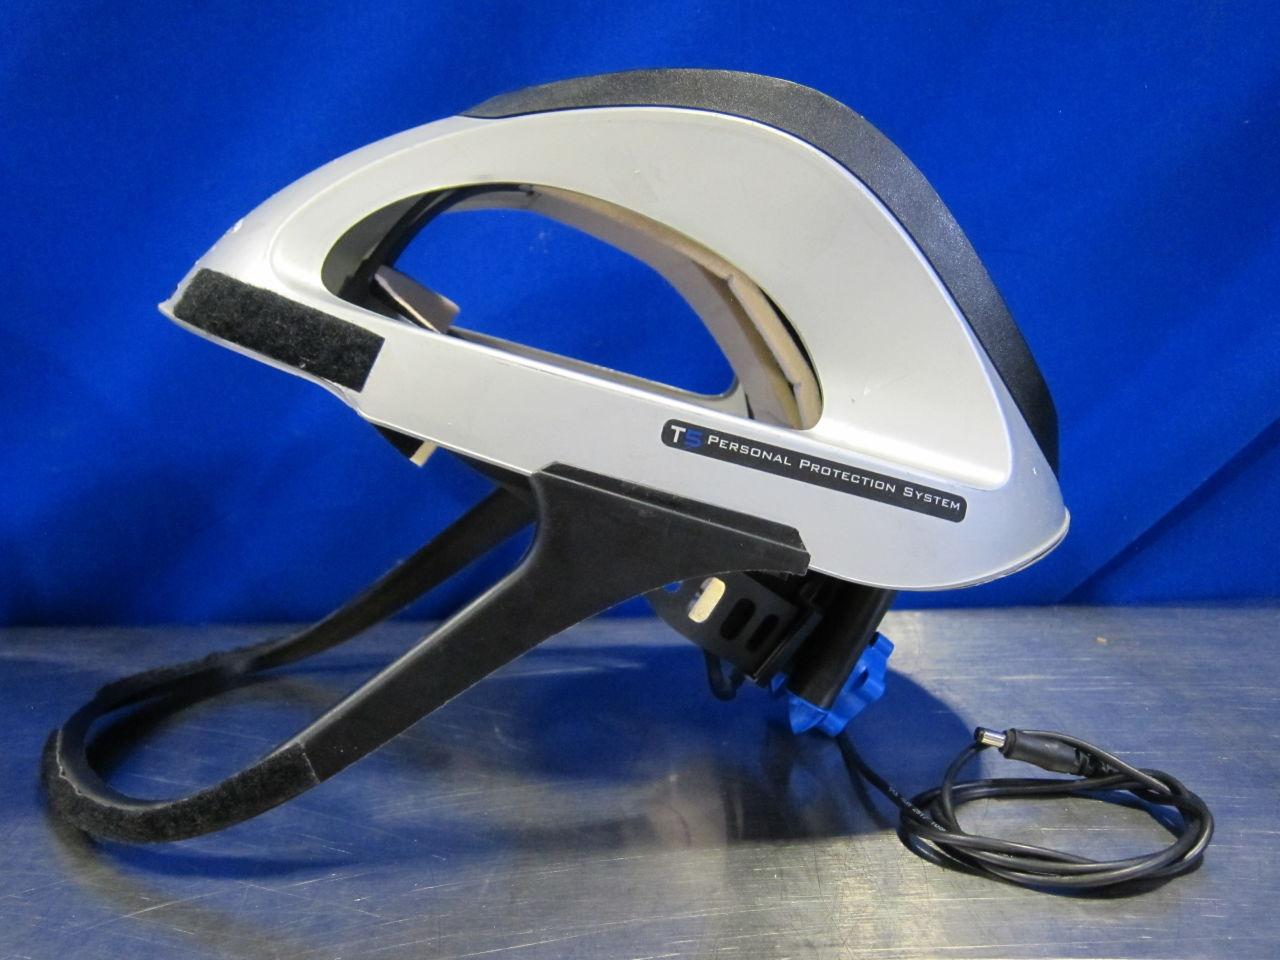 STRYKER T5 Personal Projection Helmet - Lot of 2